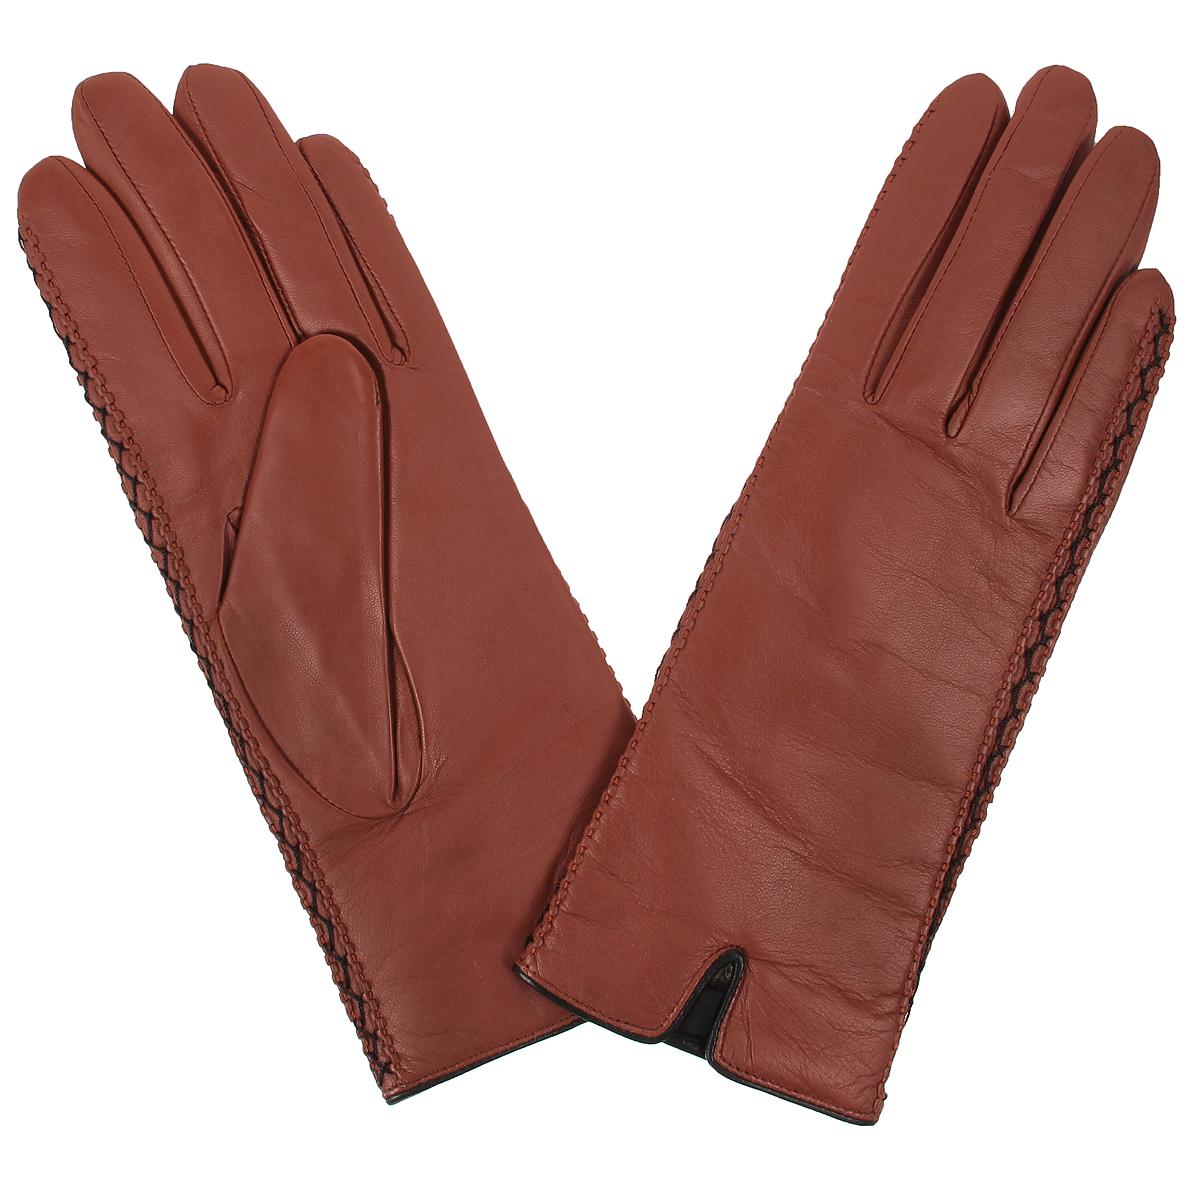 Перчатки женские. W5535W5535/25Стильные женские перчатки Baggini с подкладкой из 100% шерсти выполнены из мягкой и приятной на ощупь натуральной кожи. По бокам перчатки оформлены декоративной прострочкой. С лицевой стороны манжеты дополнены небольшими разрезами. Такие перчатки подчеркнут ваш стиль и неповторимость и придадут всему образу нотки женственности и элегантности.